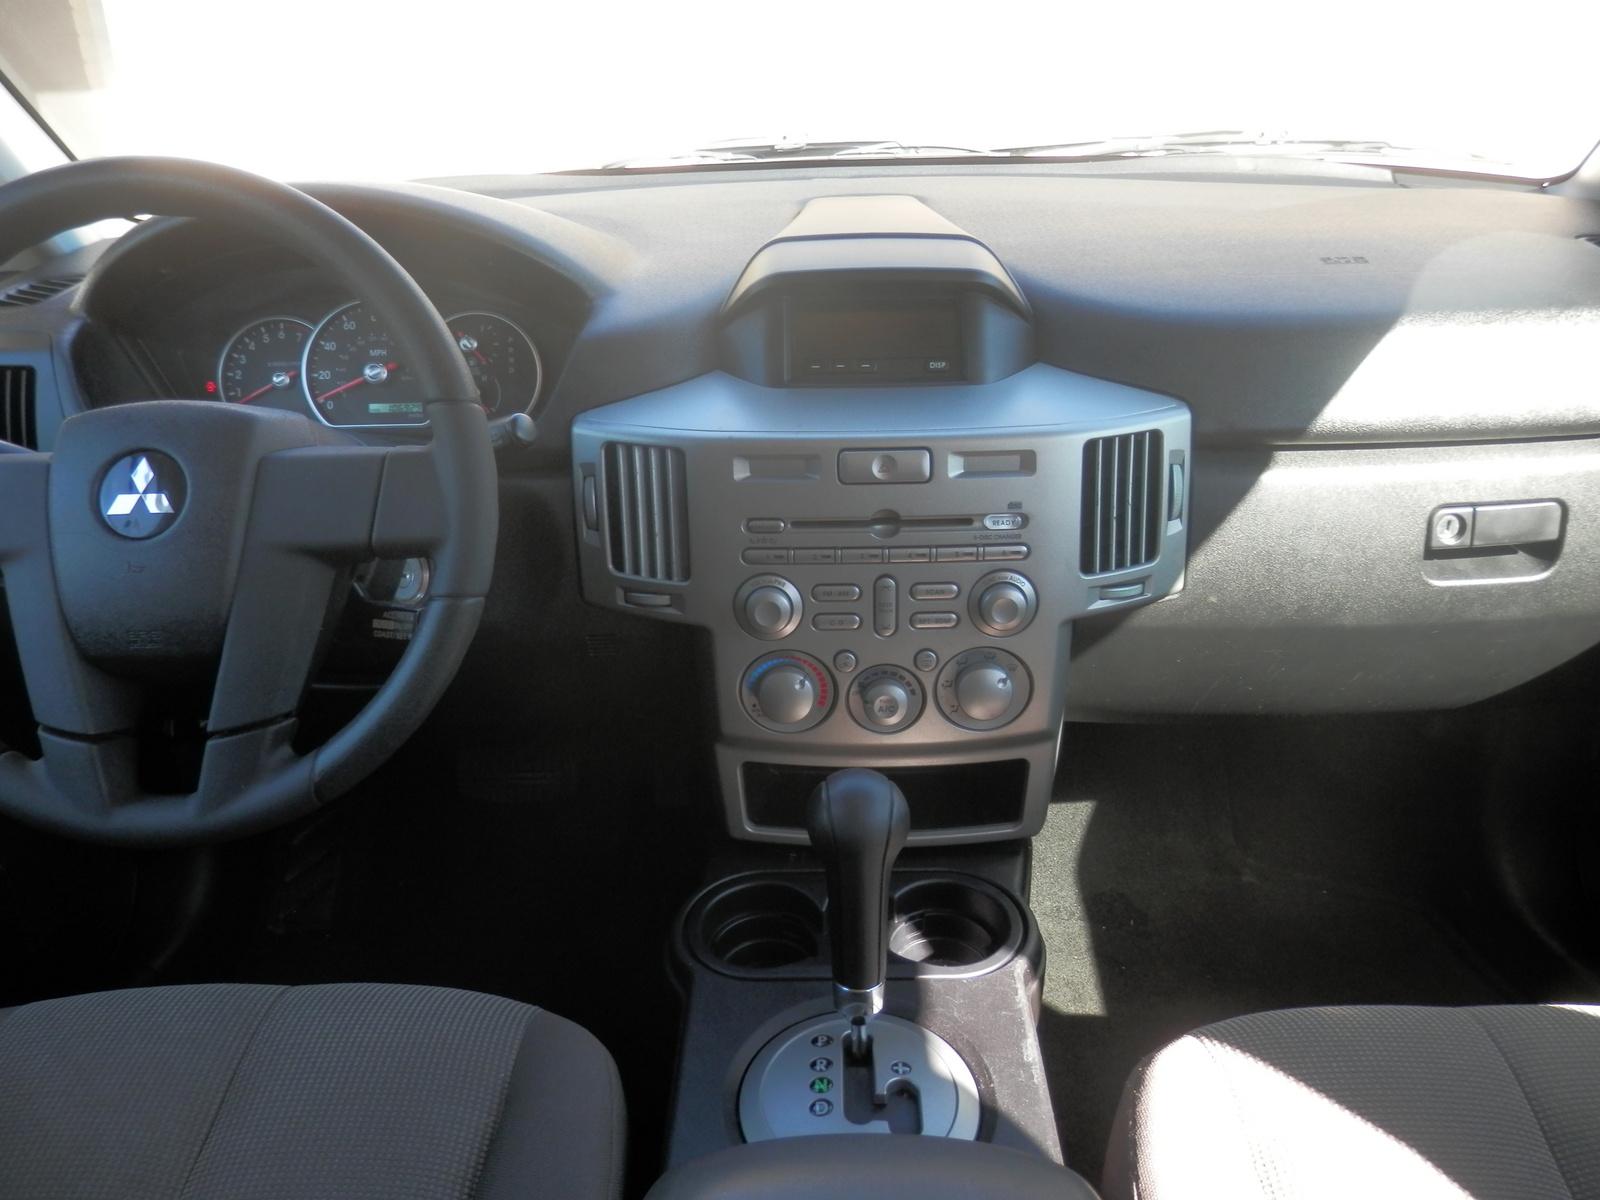 2004 Mitsubishi Endeavor Interior Pictures Cargurus